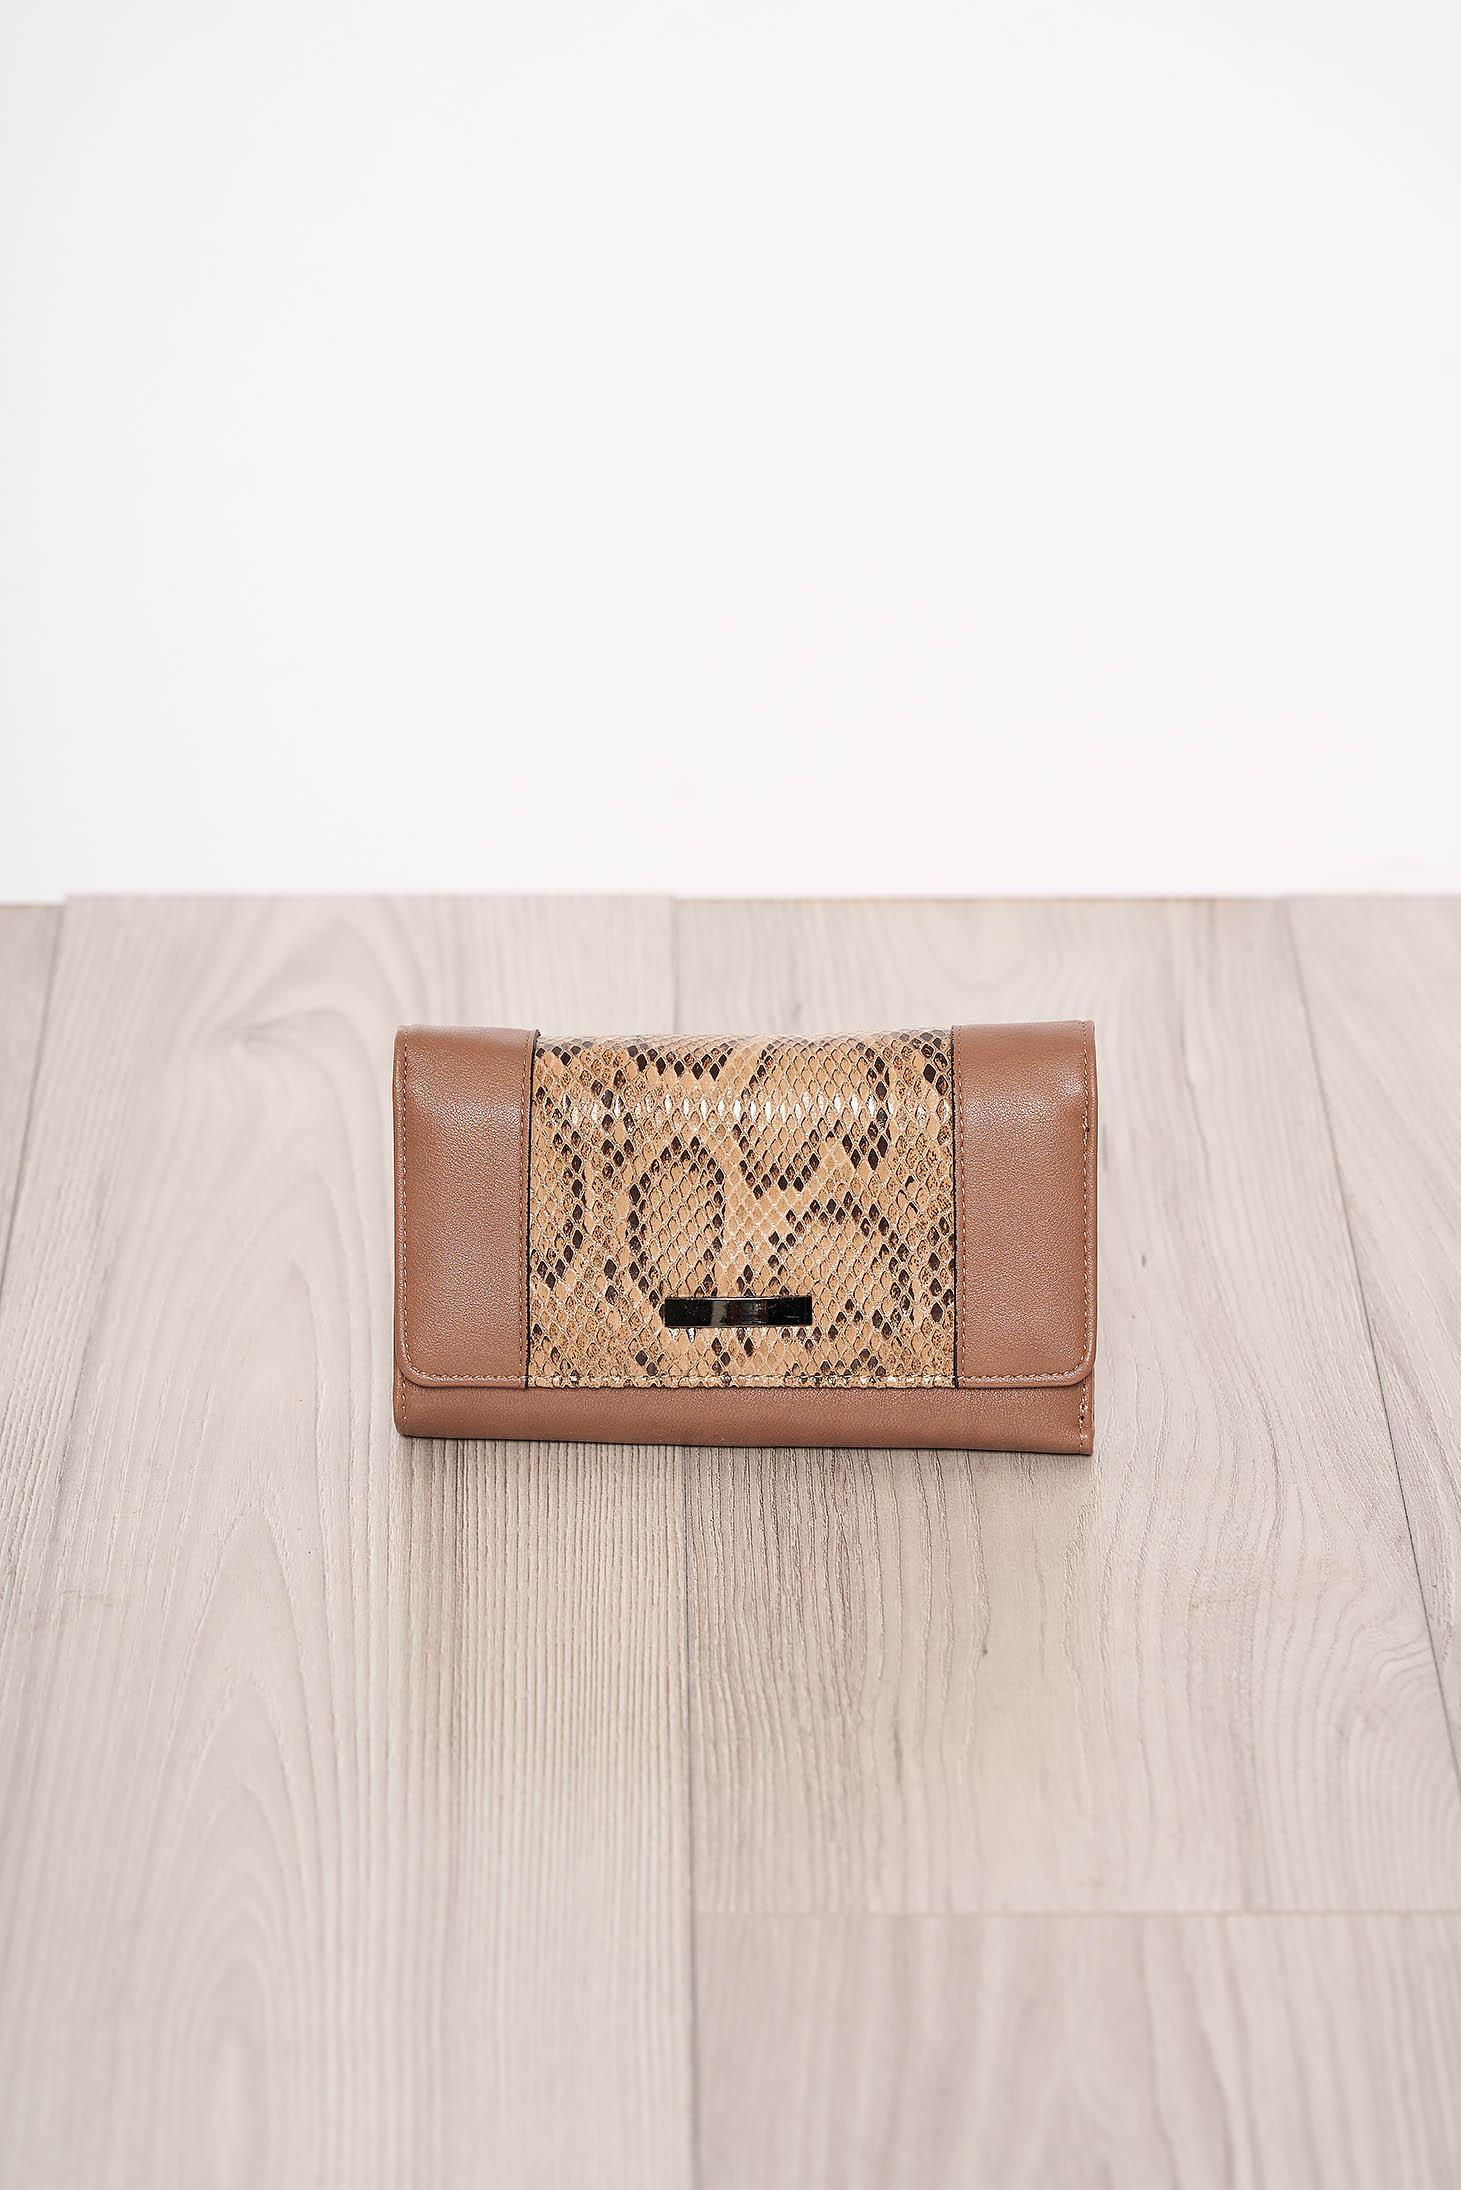 Portofel cappuccino snake print cu mai multe compartimente si inchidere cu capsa magnetica